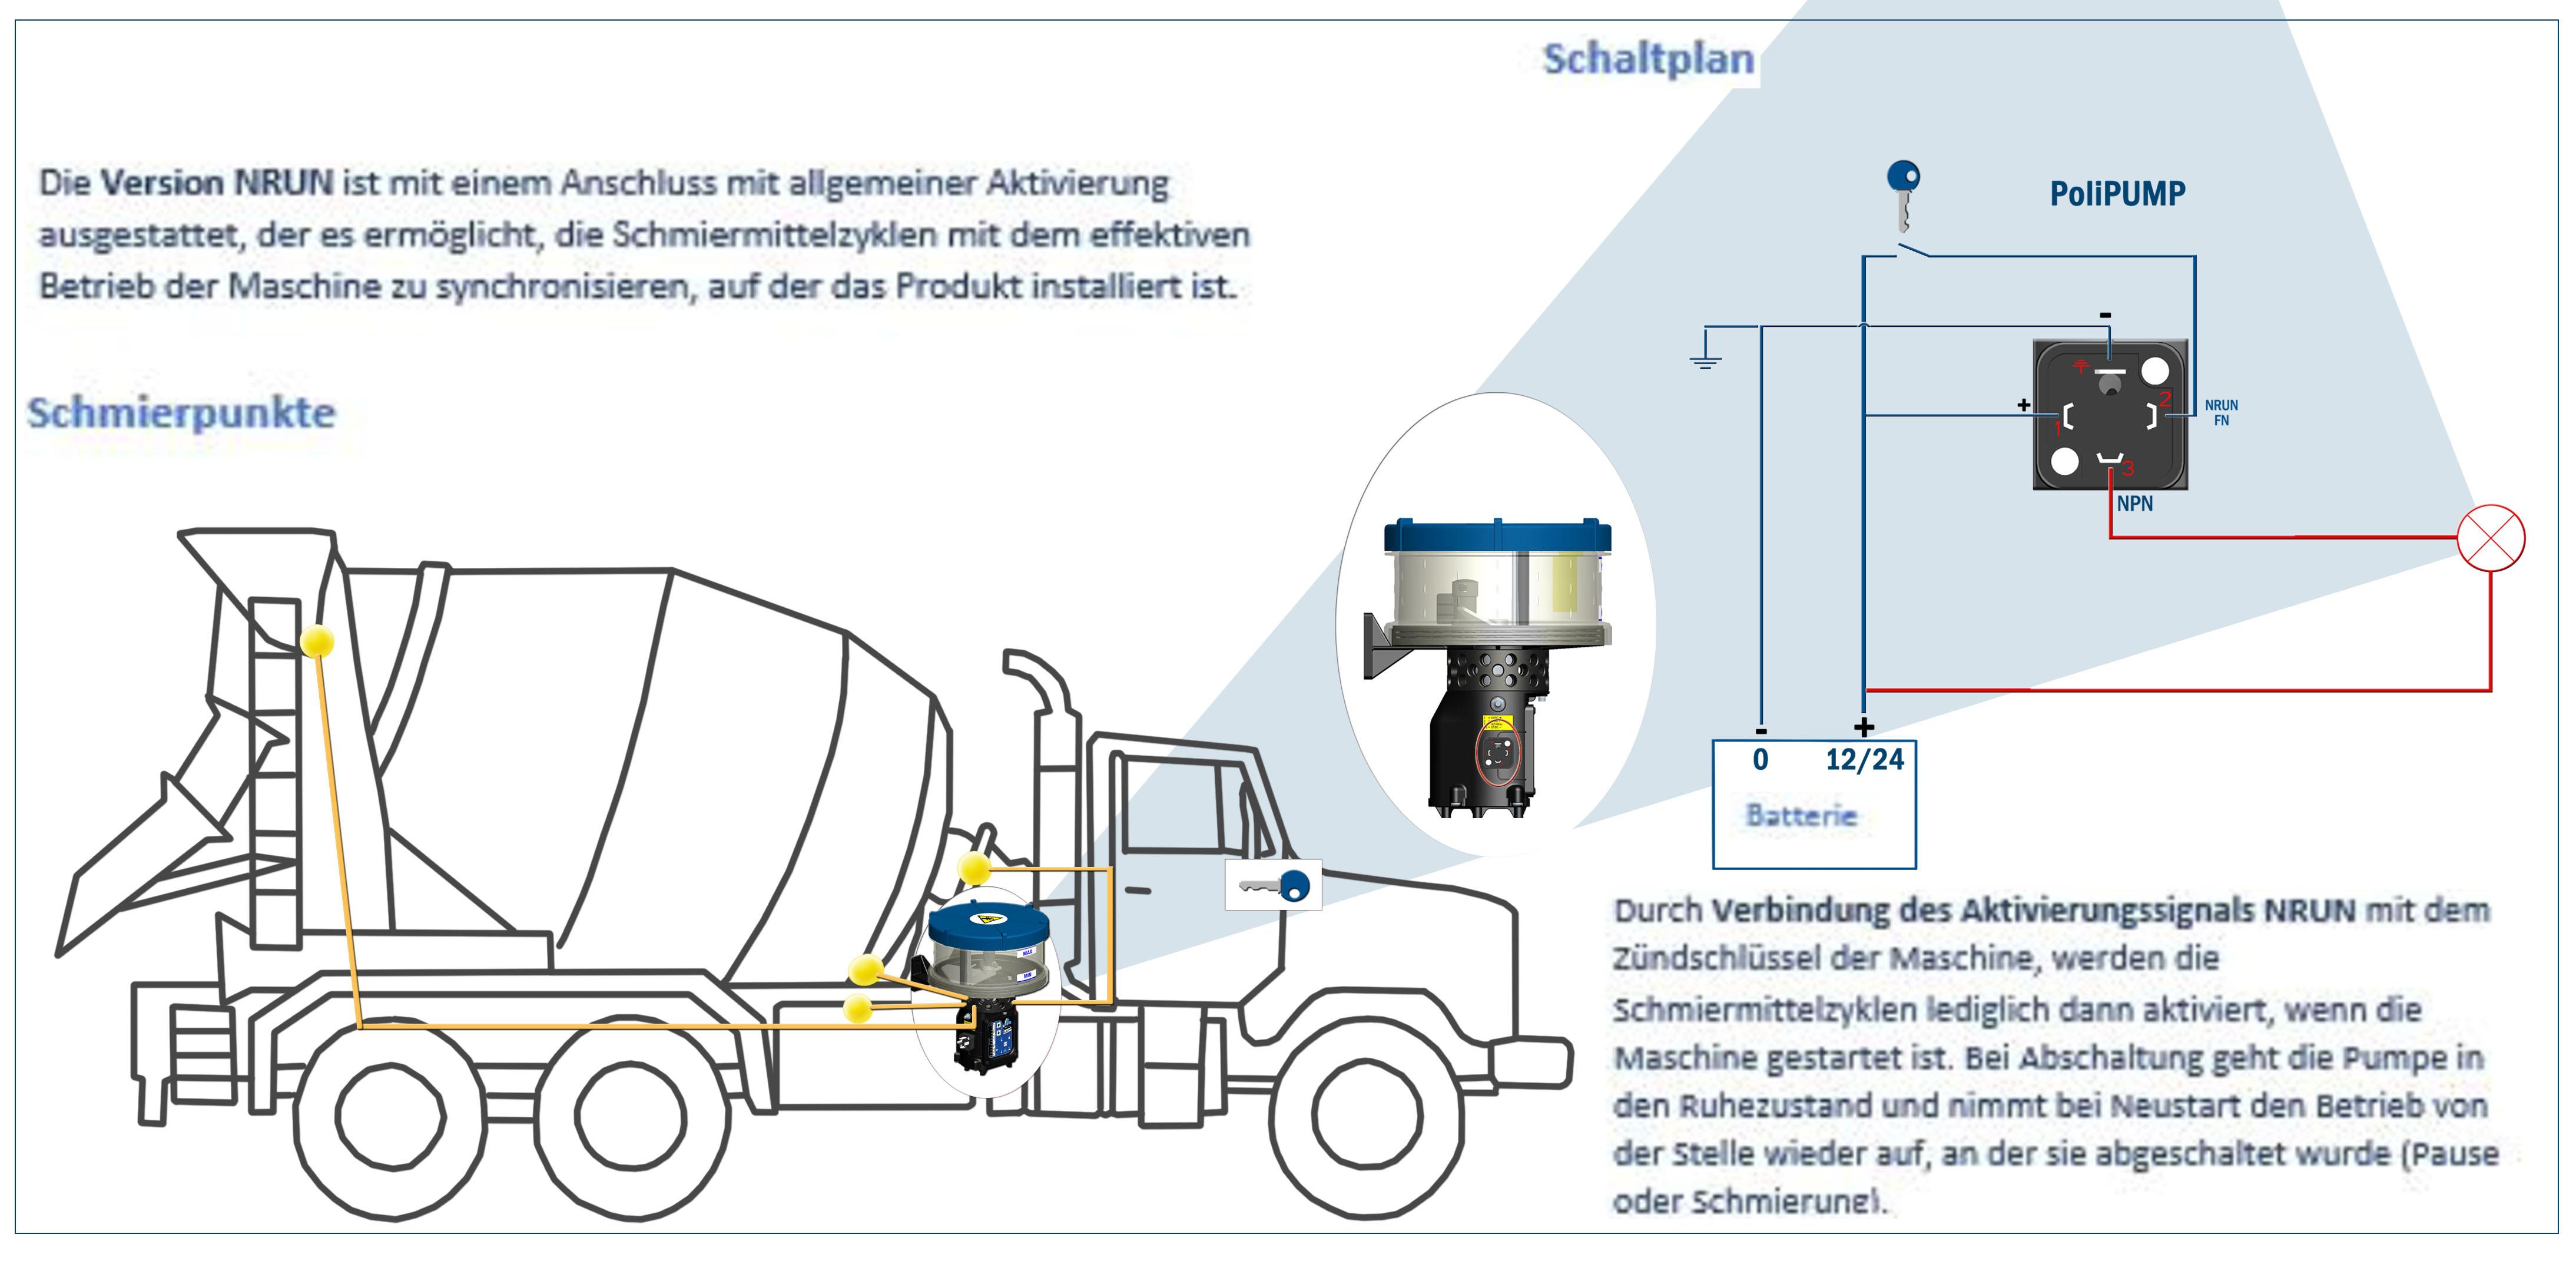 Niedlich Npn Verbindung Zeitgenössisch - Der Schaltplan - greigo.com